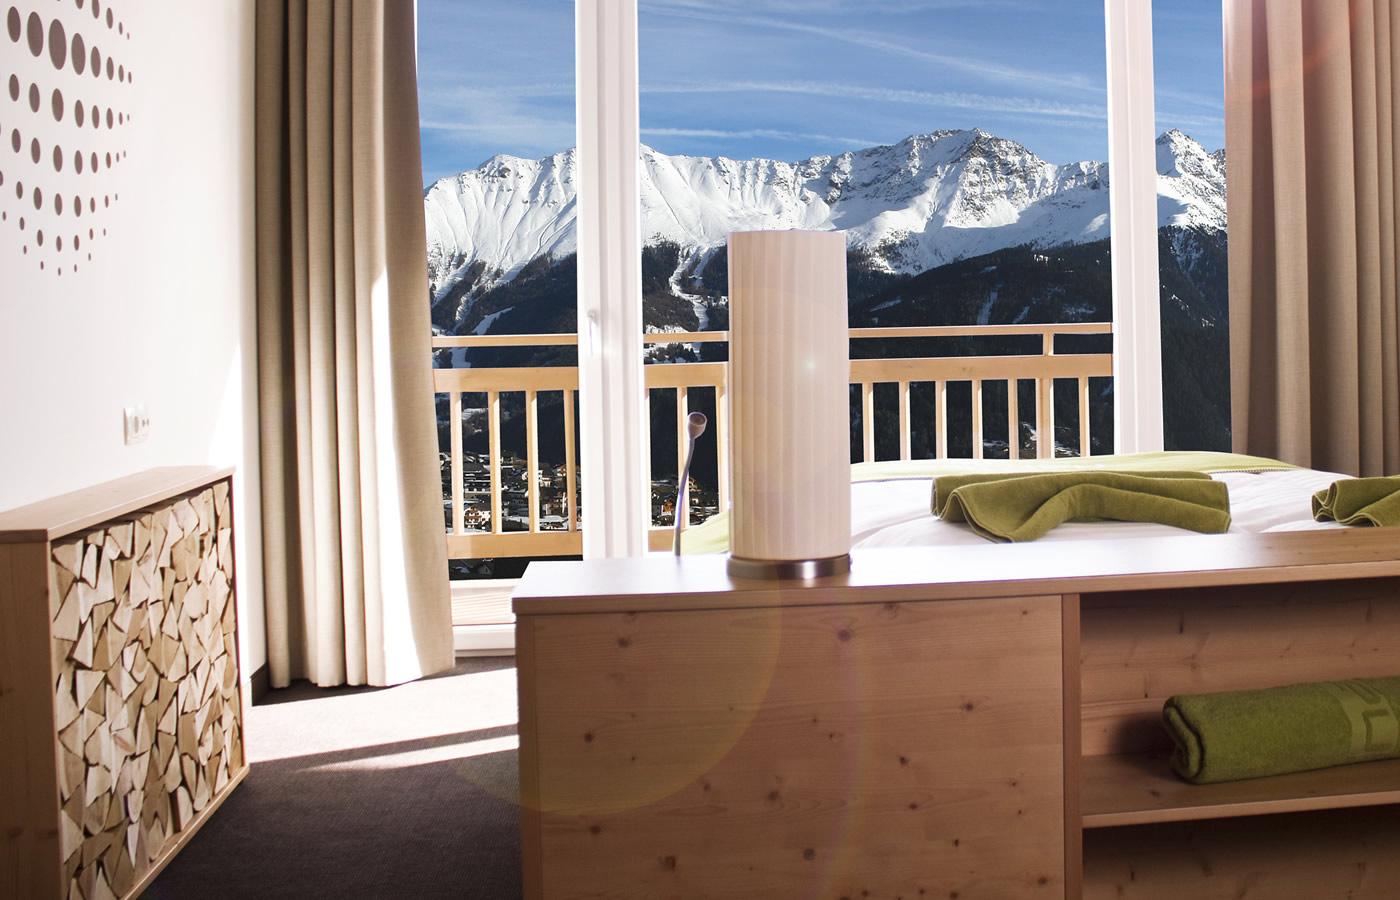 Zimmer-Aussichten des Hotels. Natürlich Winter-Urlaub in Fiss.